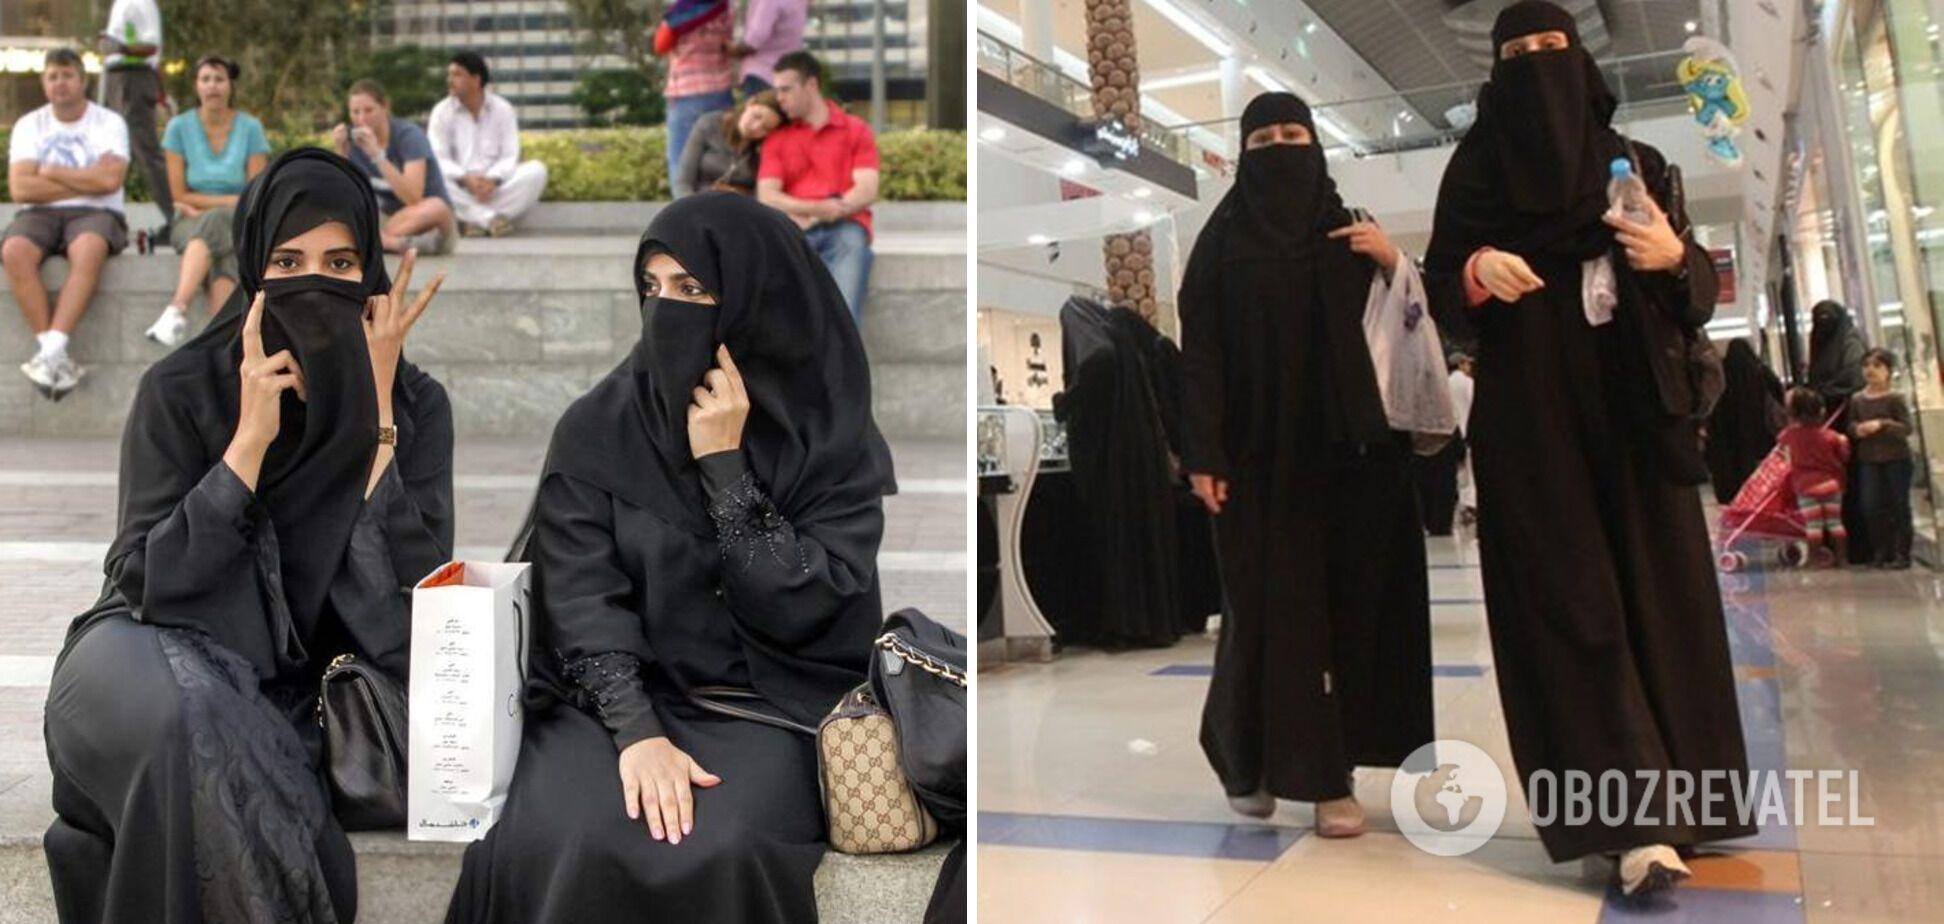 В Україну масово їдуть туристи із Саудівської Аравії: що саме їх приваблює